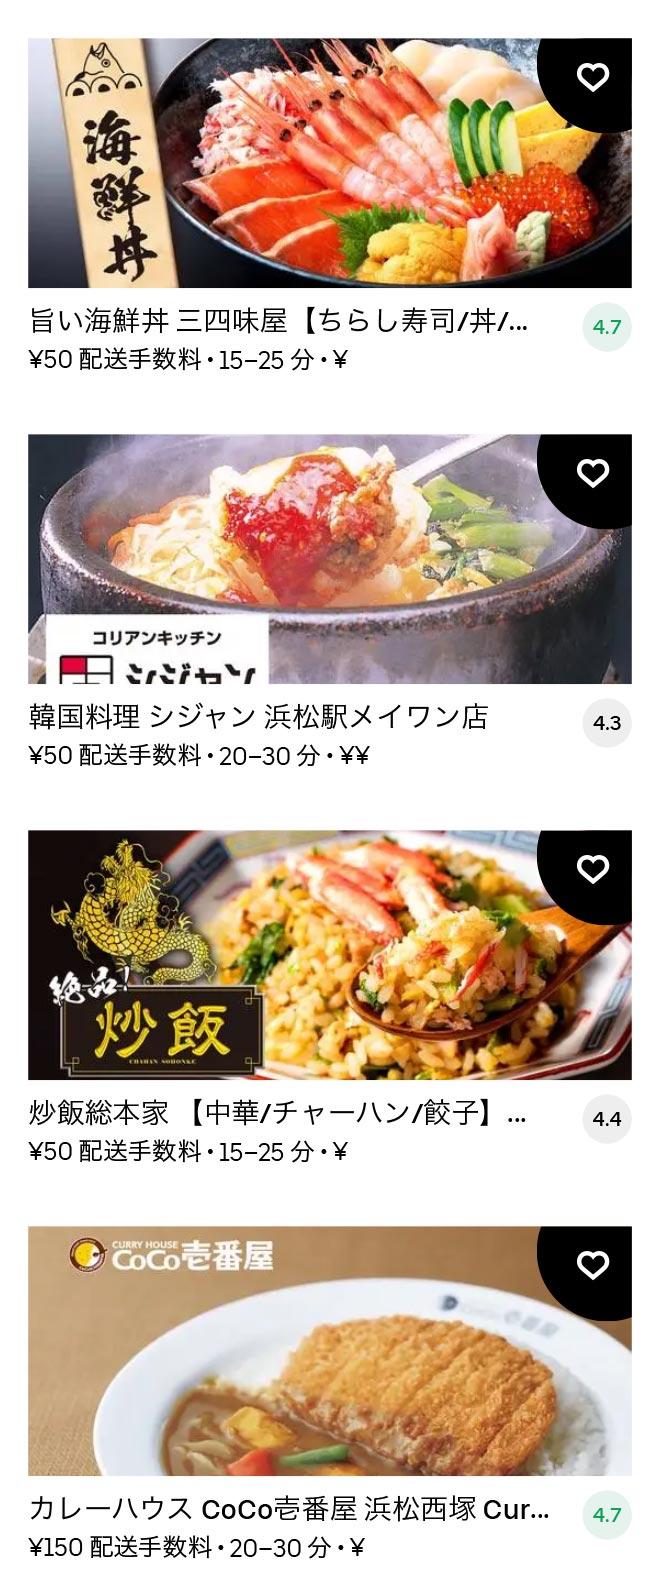 Hamamatsu menu 2011 06